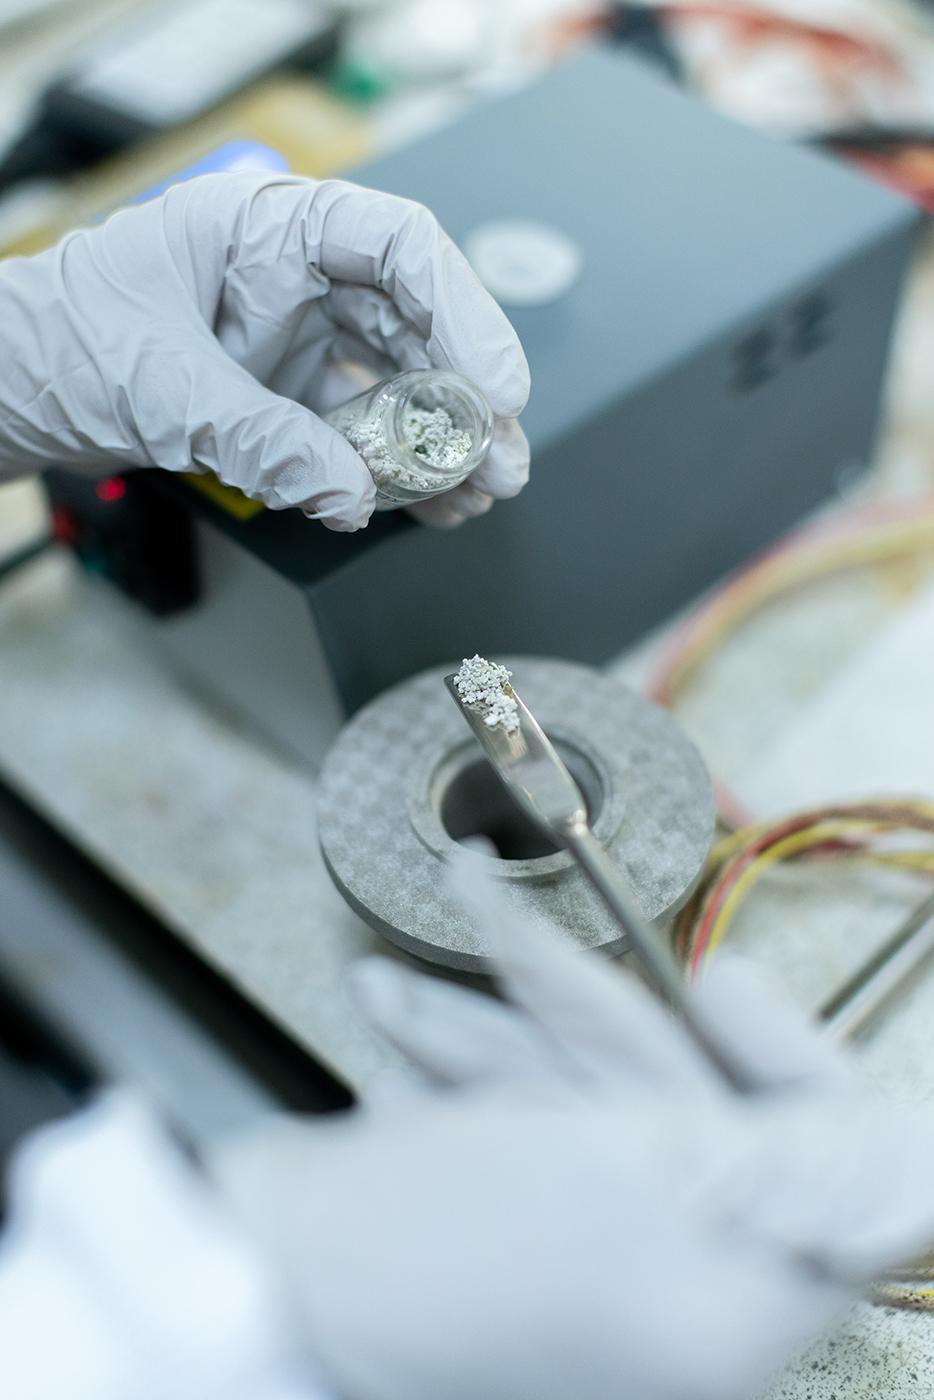 laboratorio prove sui materiali da costruzione